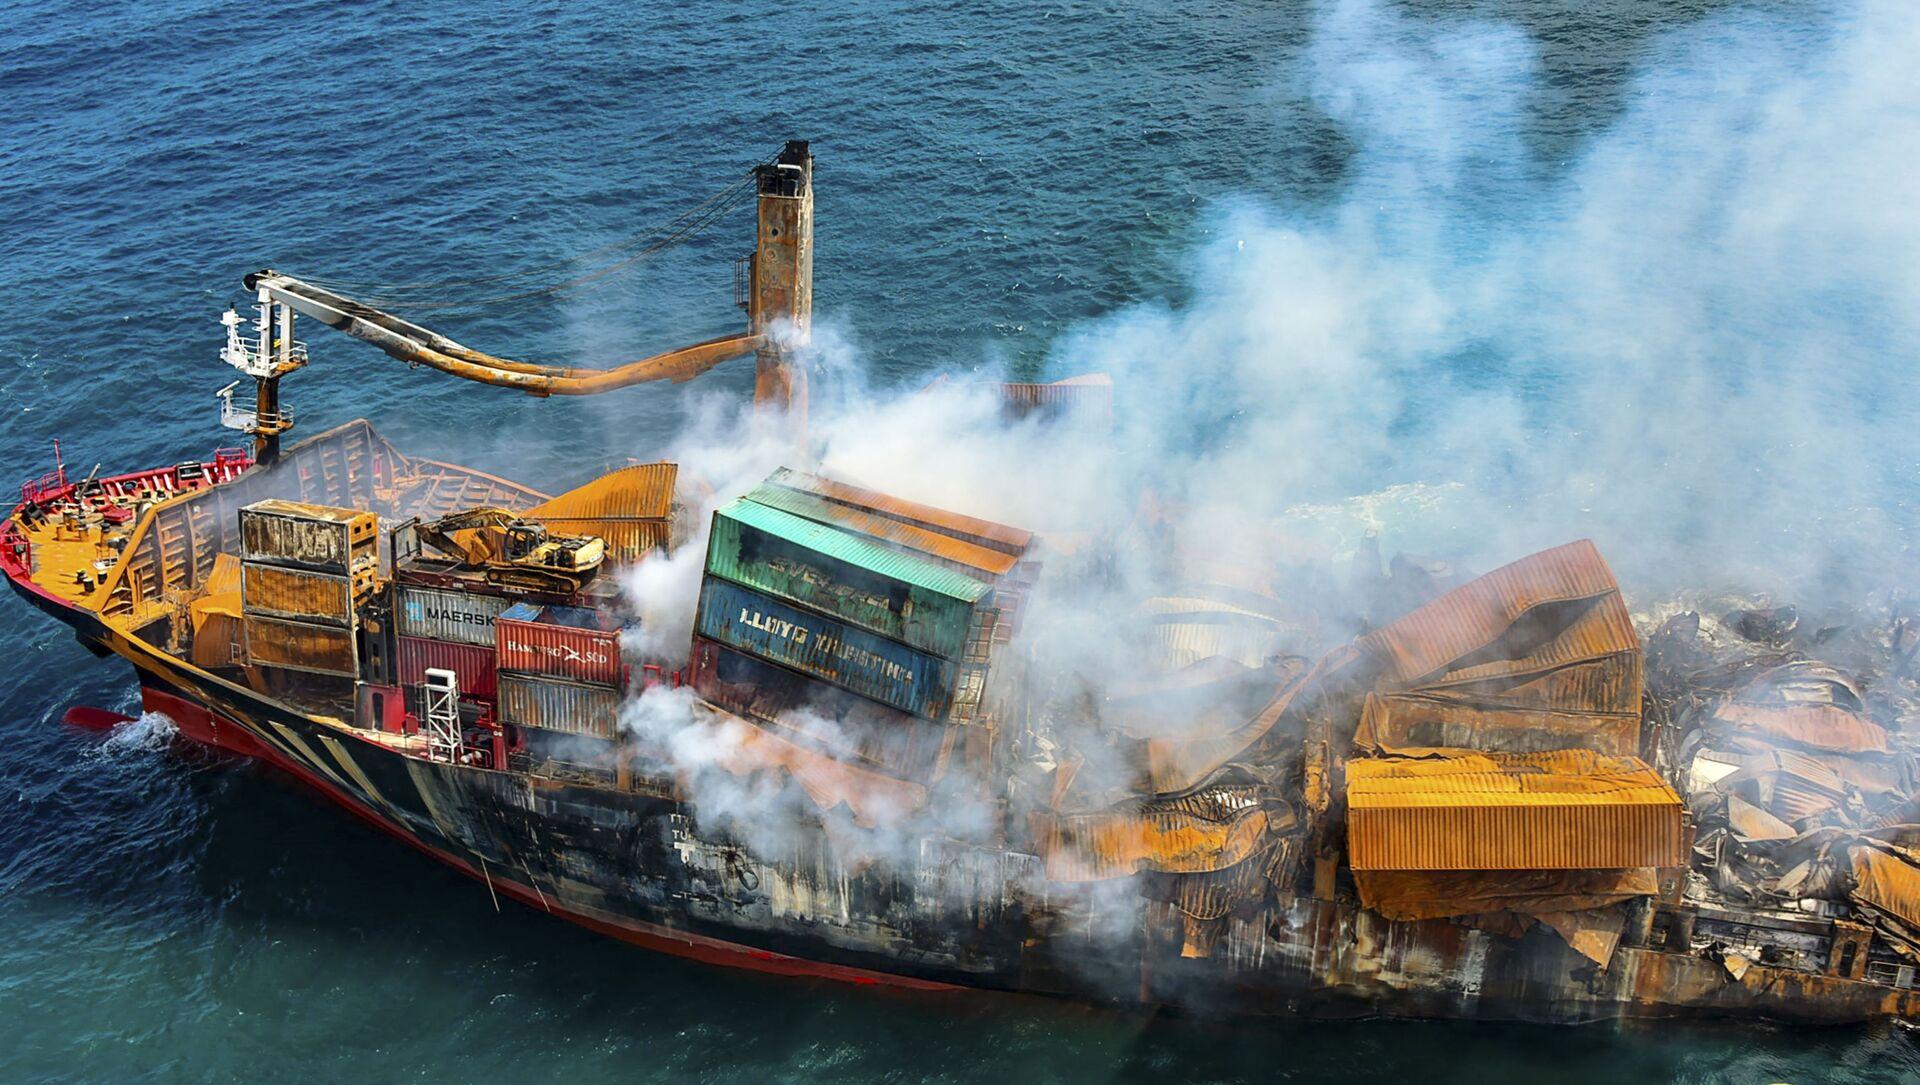 Thảm họa môi trường gần Sri Lanka: chuẩn bị cho sự cố tràn dầu  - Sputnik Việt Nam, 1920, 04.06.2021